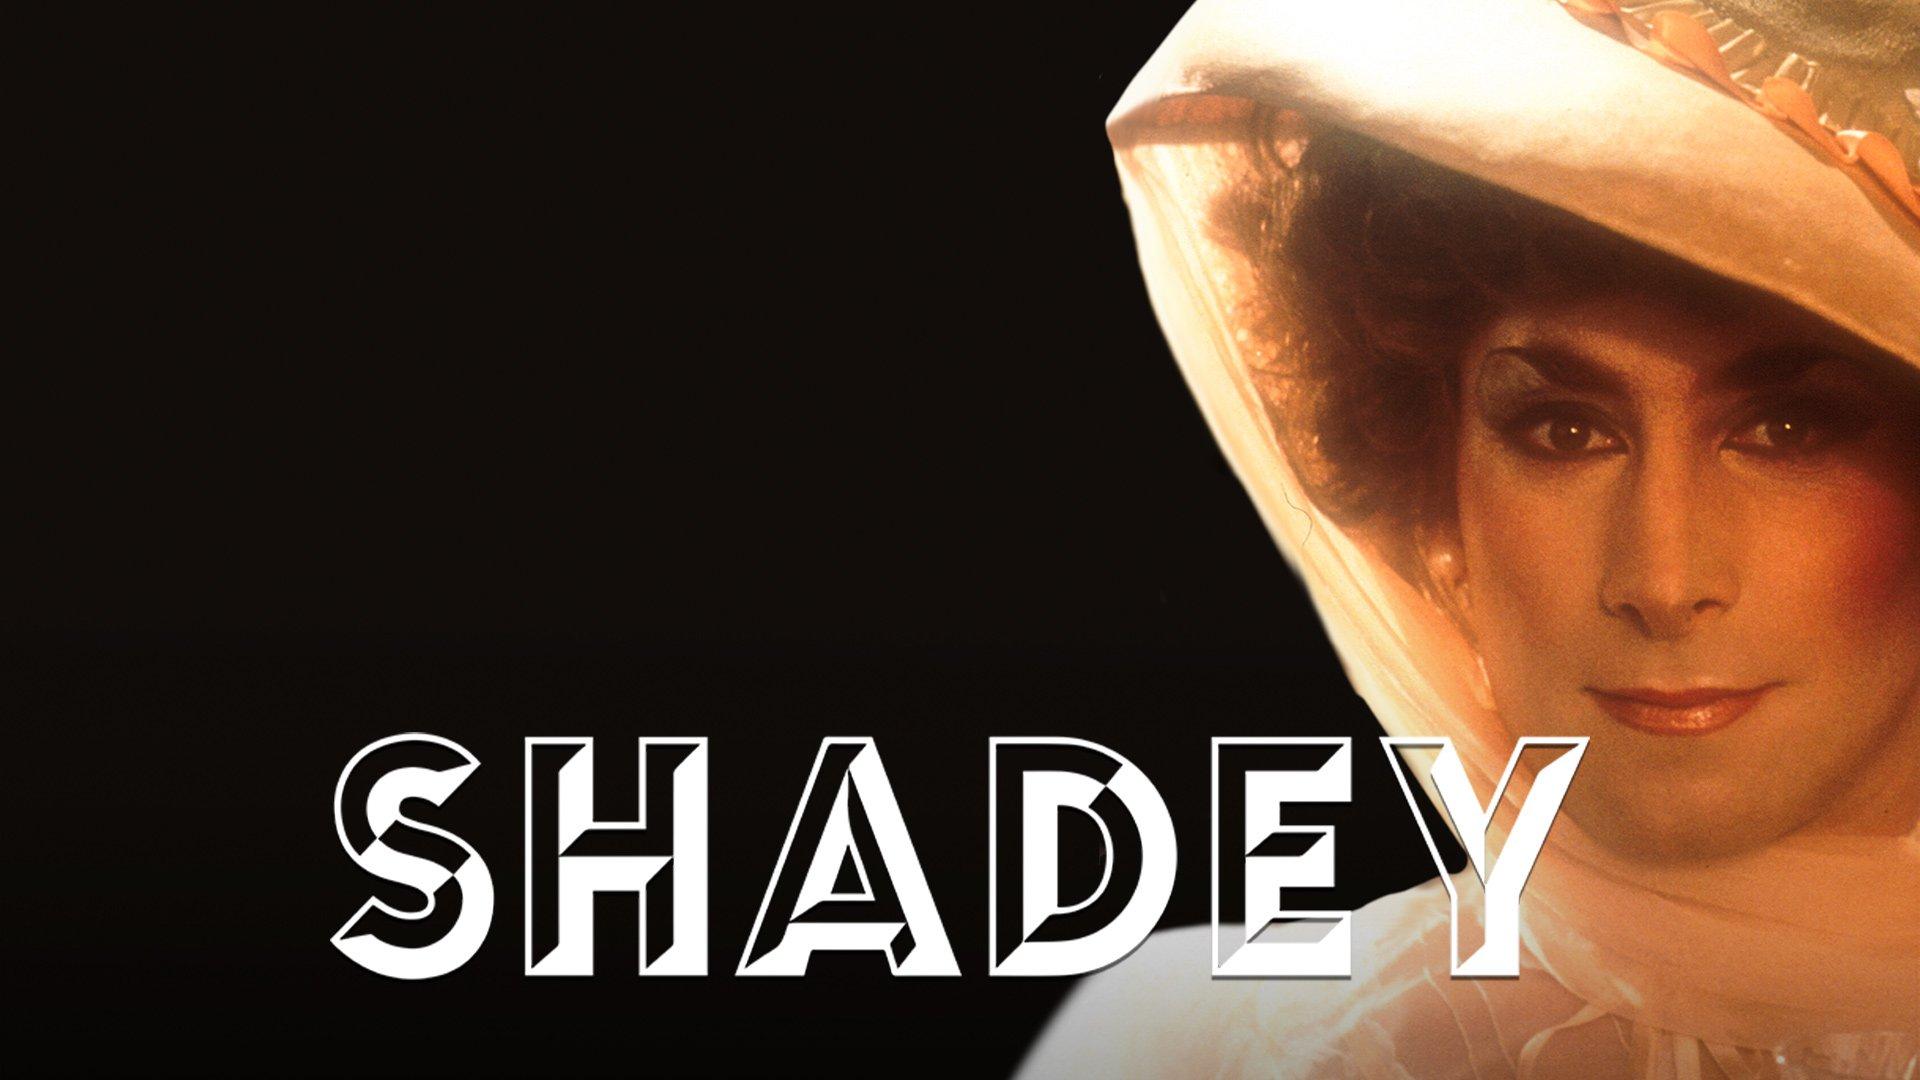 Shadey on BritBox UK